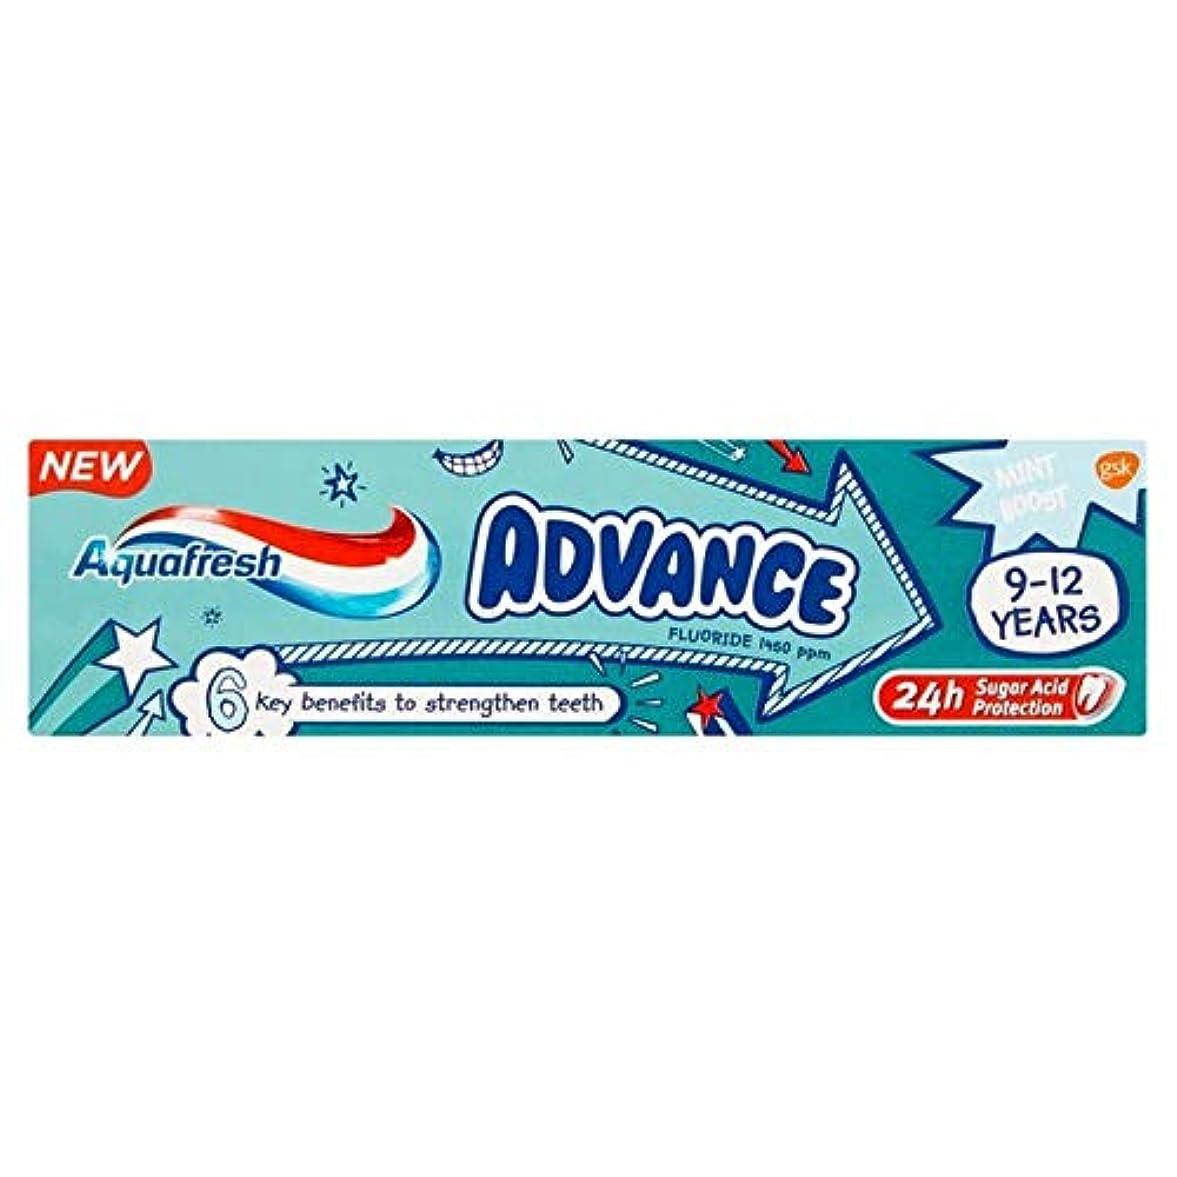 ダーツ歯経営者[Aquafresh ] アクアフレッシュの事前9-12年間の子供の歯磨き粉75ミリリットル - Aquafresh Advance 9-12 Years Kids Toothpaste 75ml [並行輸入品]